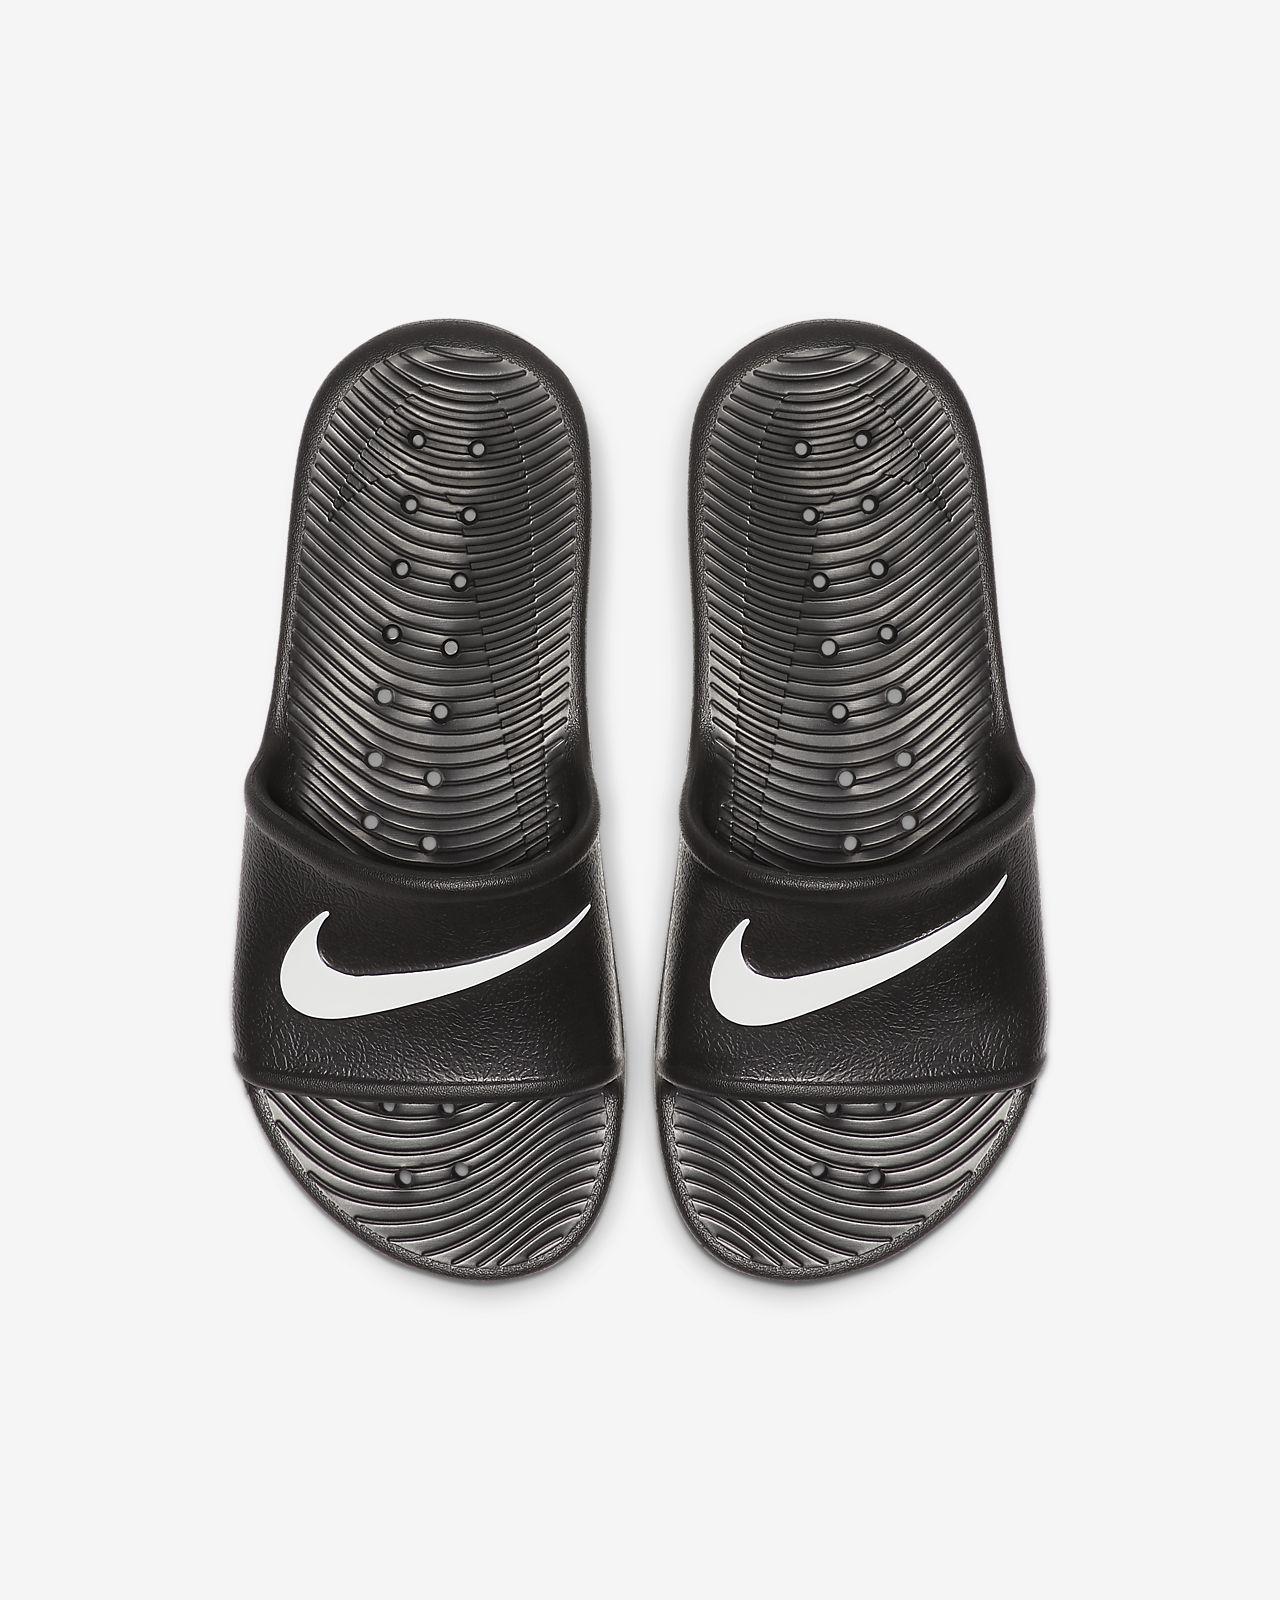 UomoDonna | Scarpe Nike KAWA SHOWER Sandali da bagno